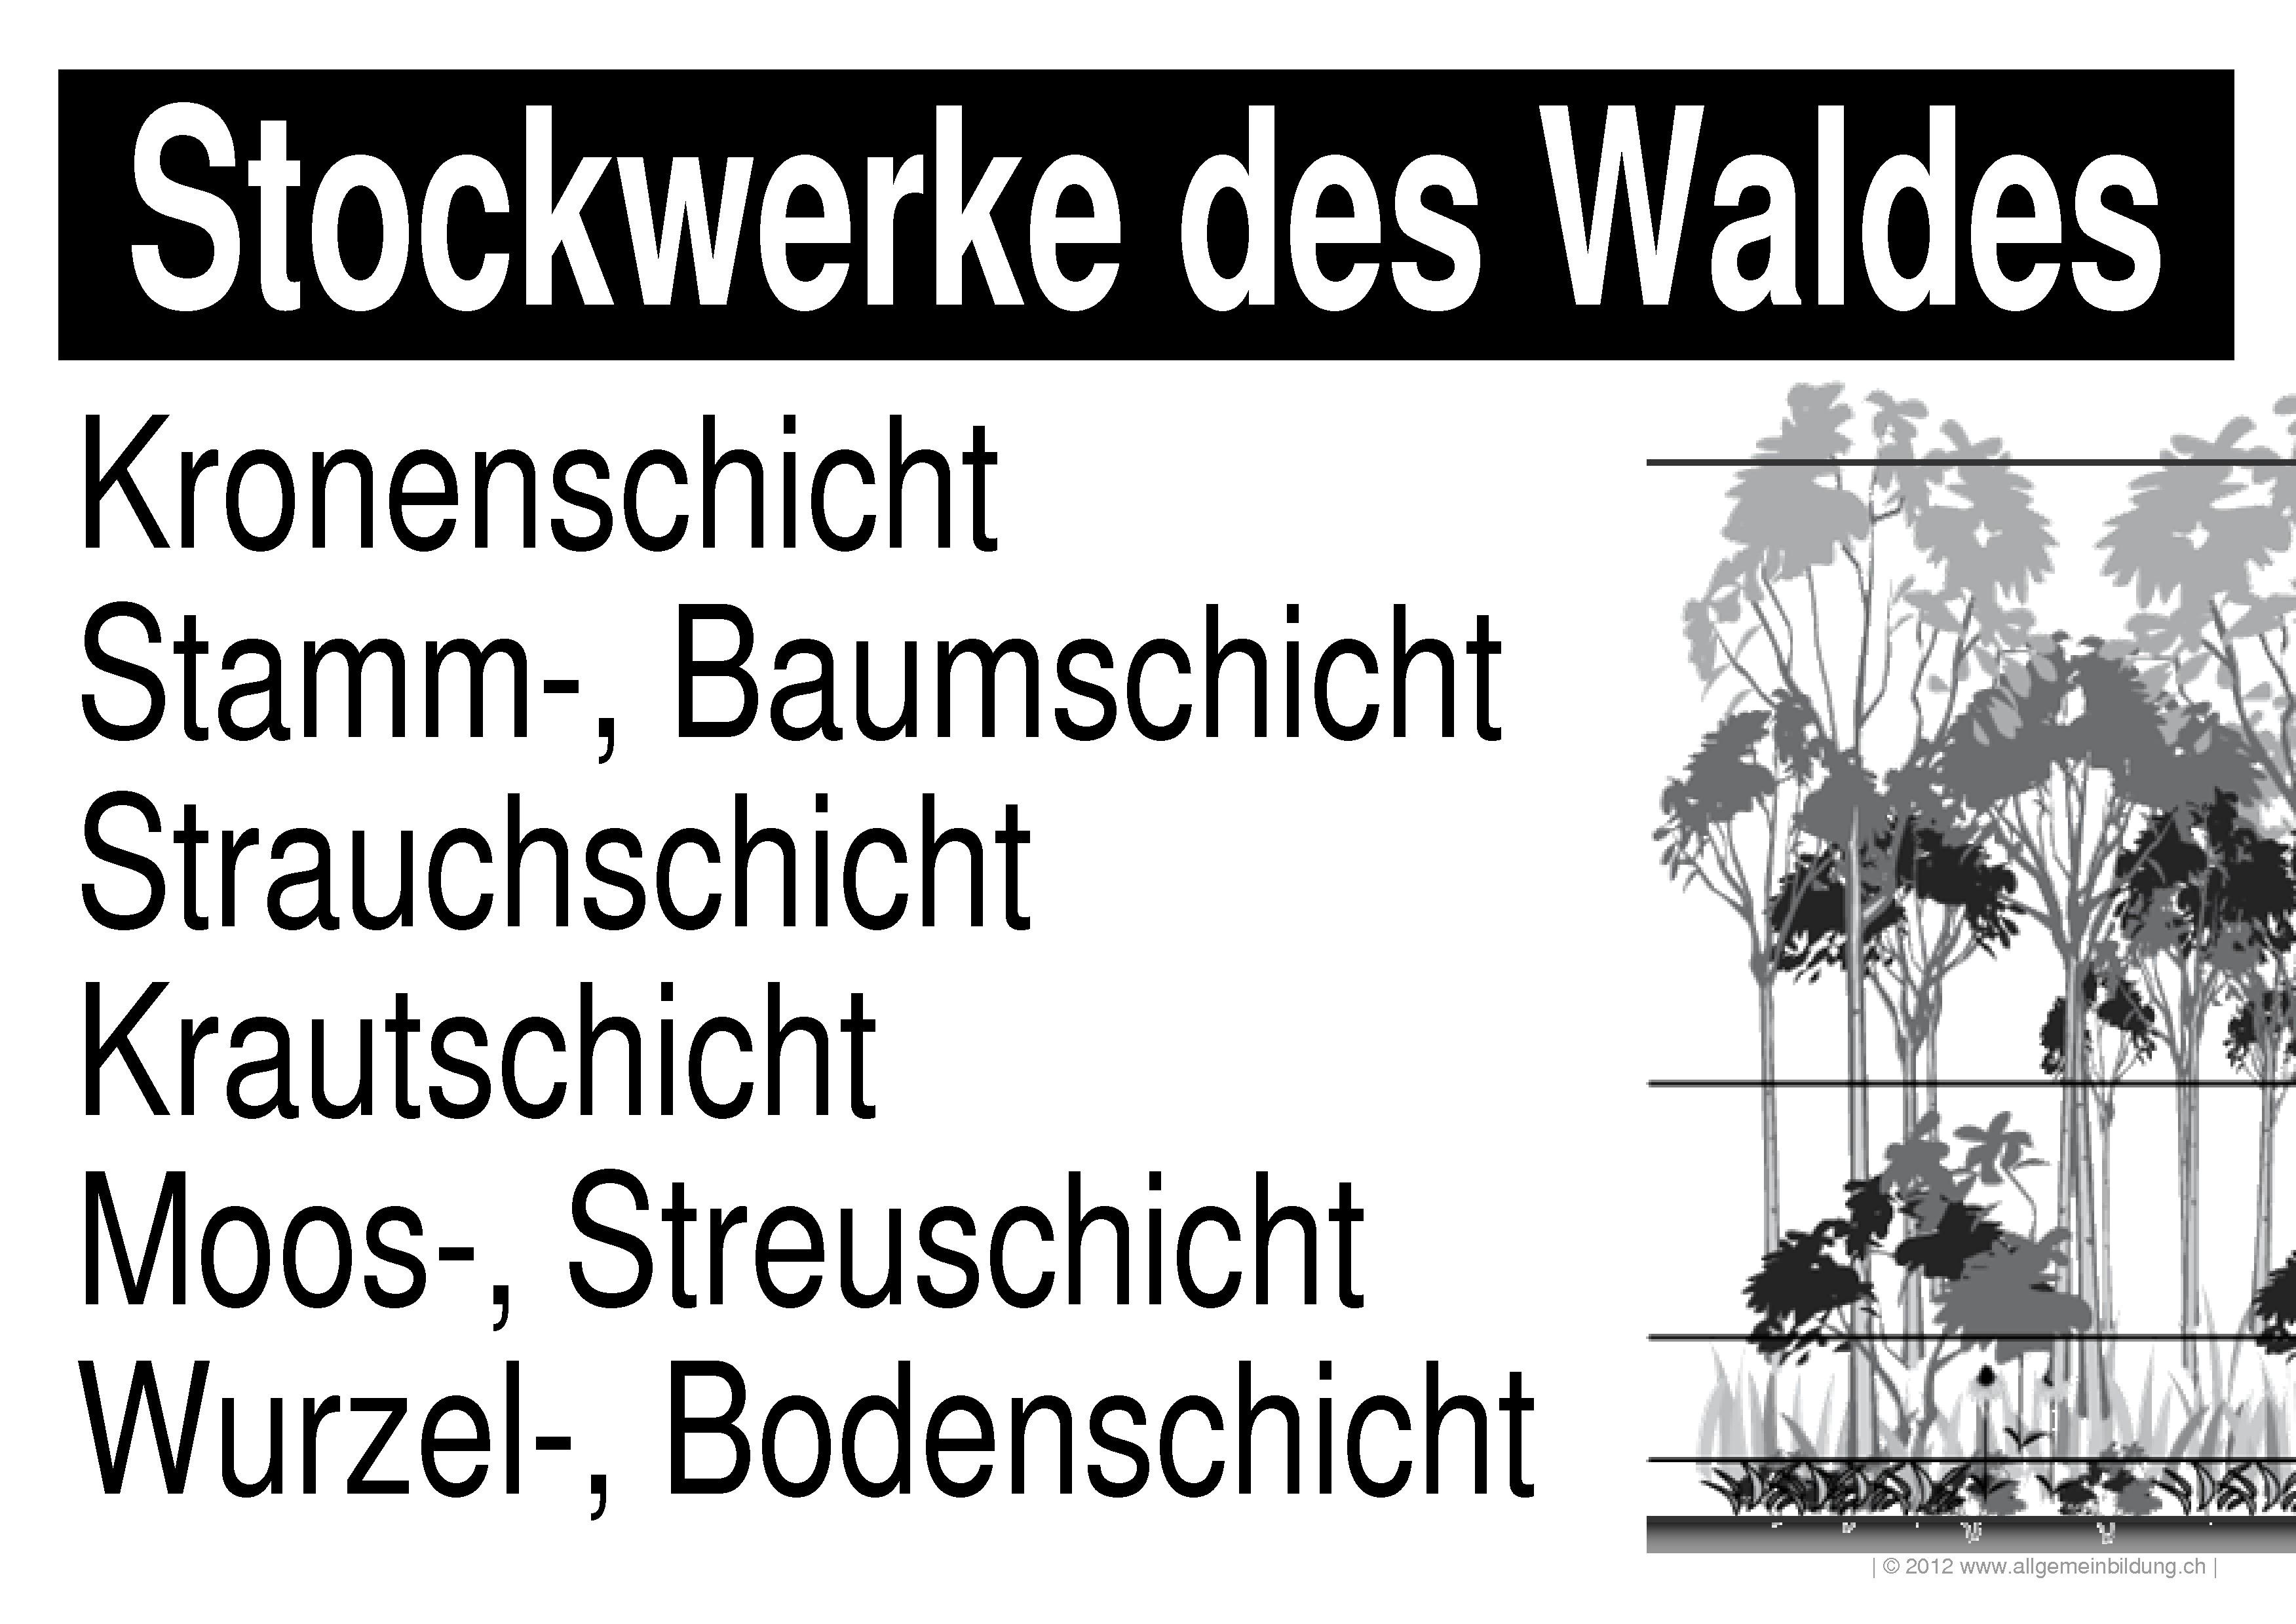 Biologie Lernplakate Wissensposter Stockwerke Des Waldes